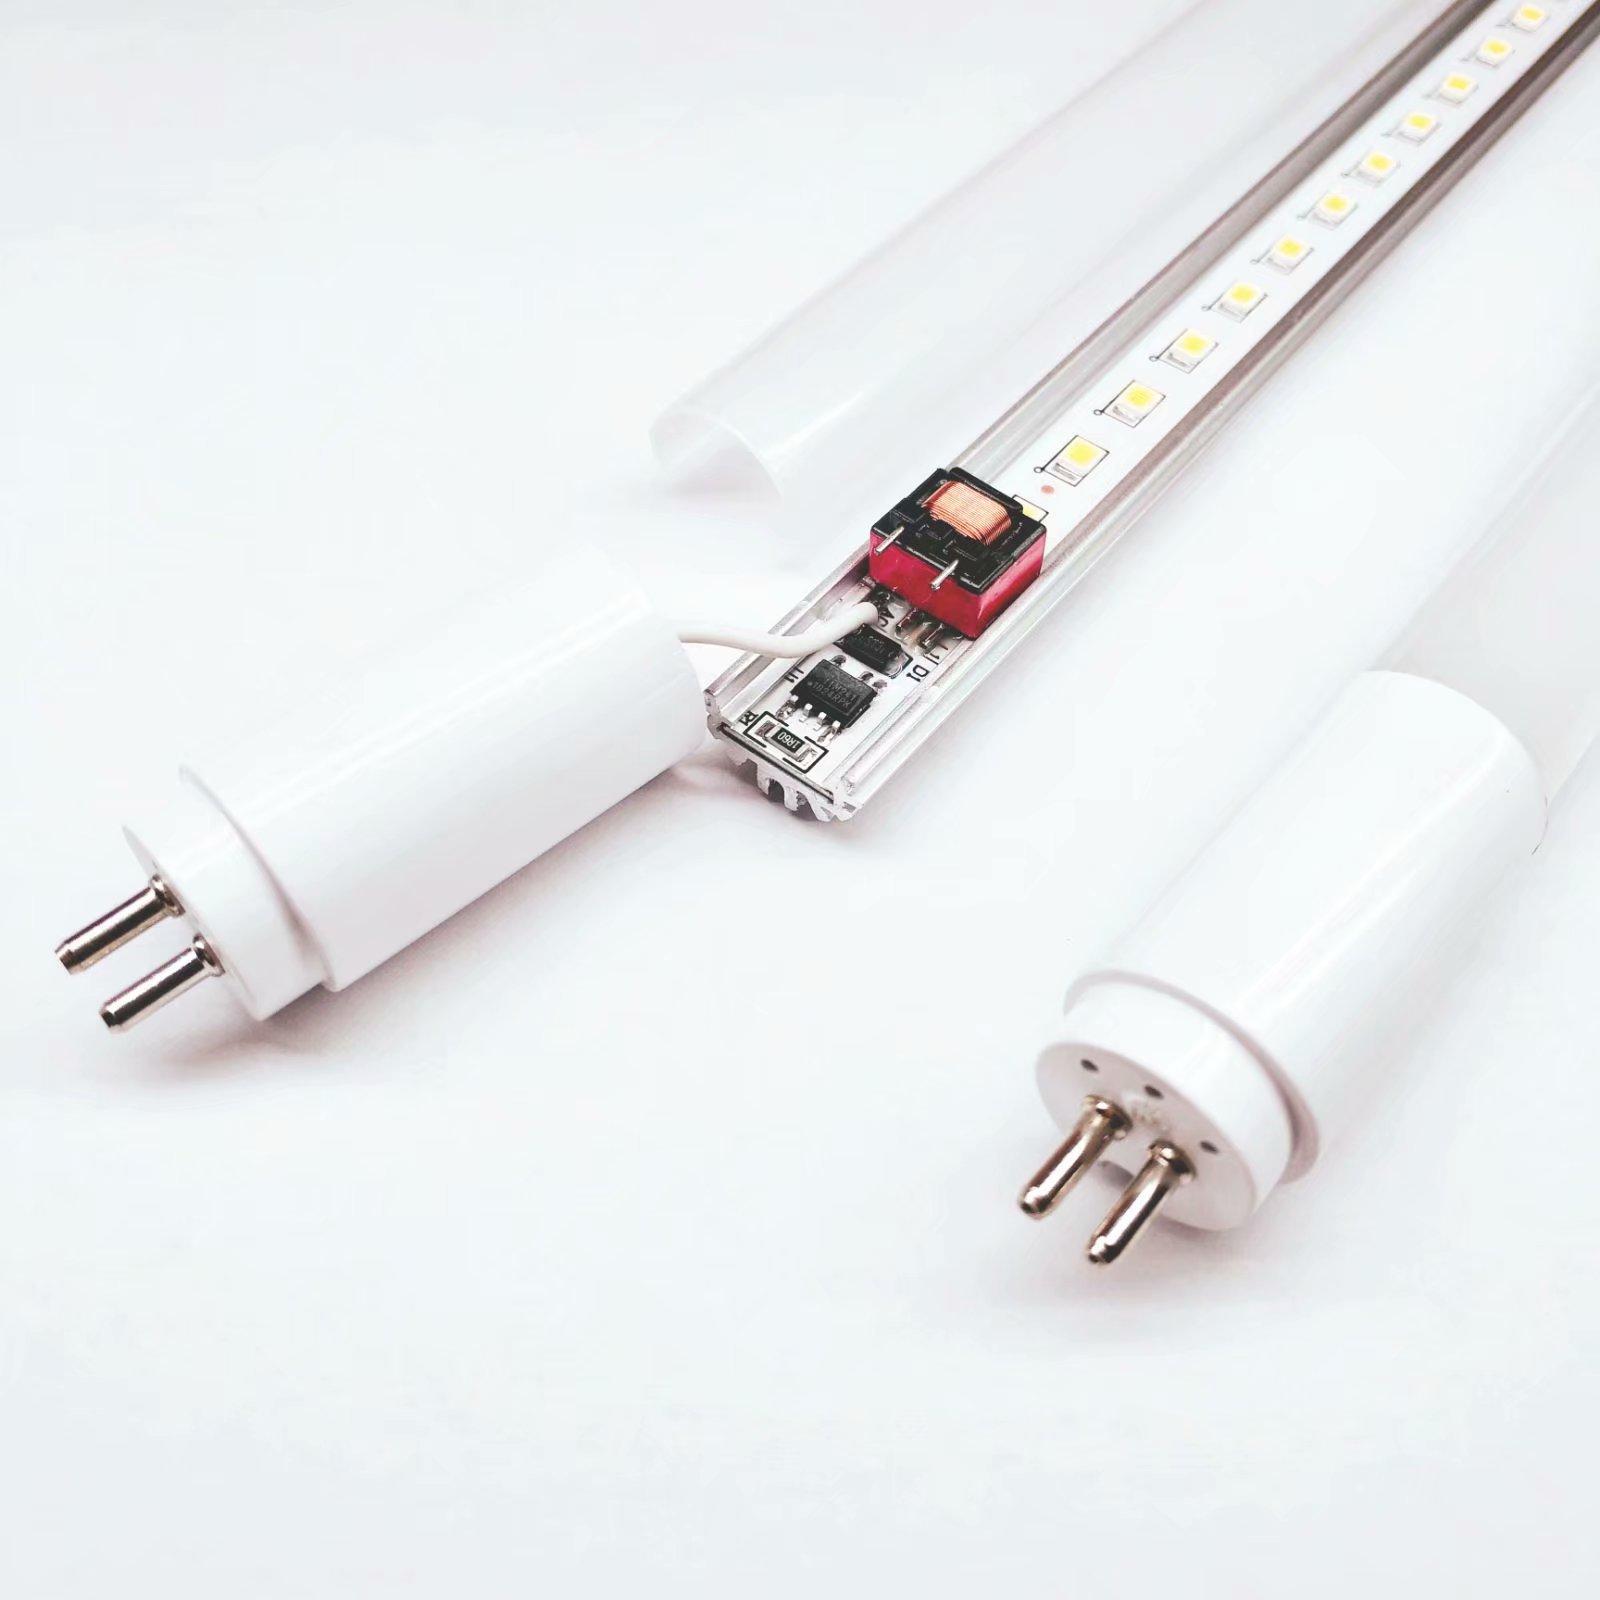 厂家直销 t5 led灯管 内置电源灯管 T5分体宽压无频闪t5灯管